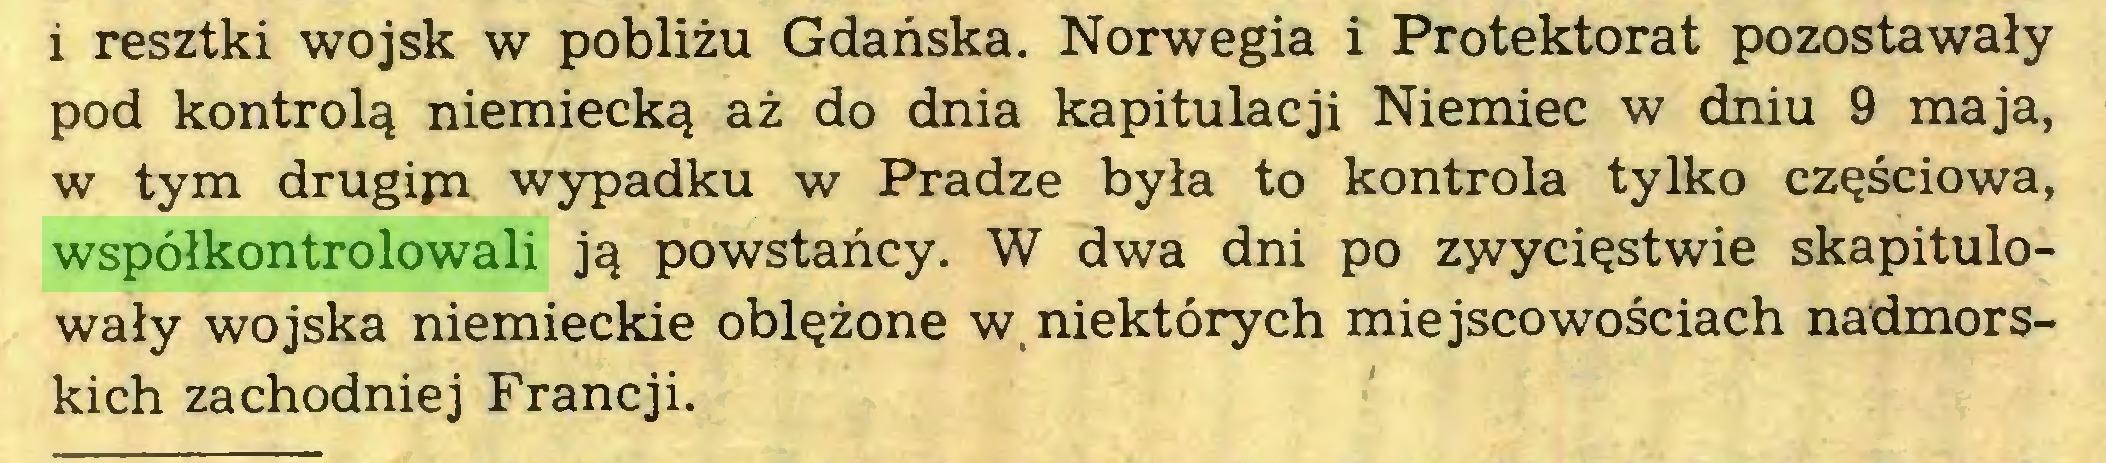 (...) i resztki wojsk w pobliżu Gdańska. Norwegia i Protektorat pozostawały pod kontrolą niemiecką aż do dnia kapitulacji Niemiec w dniu 9 maja, w tym drugijn wypadku w Pradze była to kontrola tylko częściowa, współkontrolowali ją powstańcy. W dwa dni po zwycięstwie skapitulowały wojska niemieckie oblężone w, niektórych miejscowościach nadmorskich zachodniej Francji...